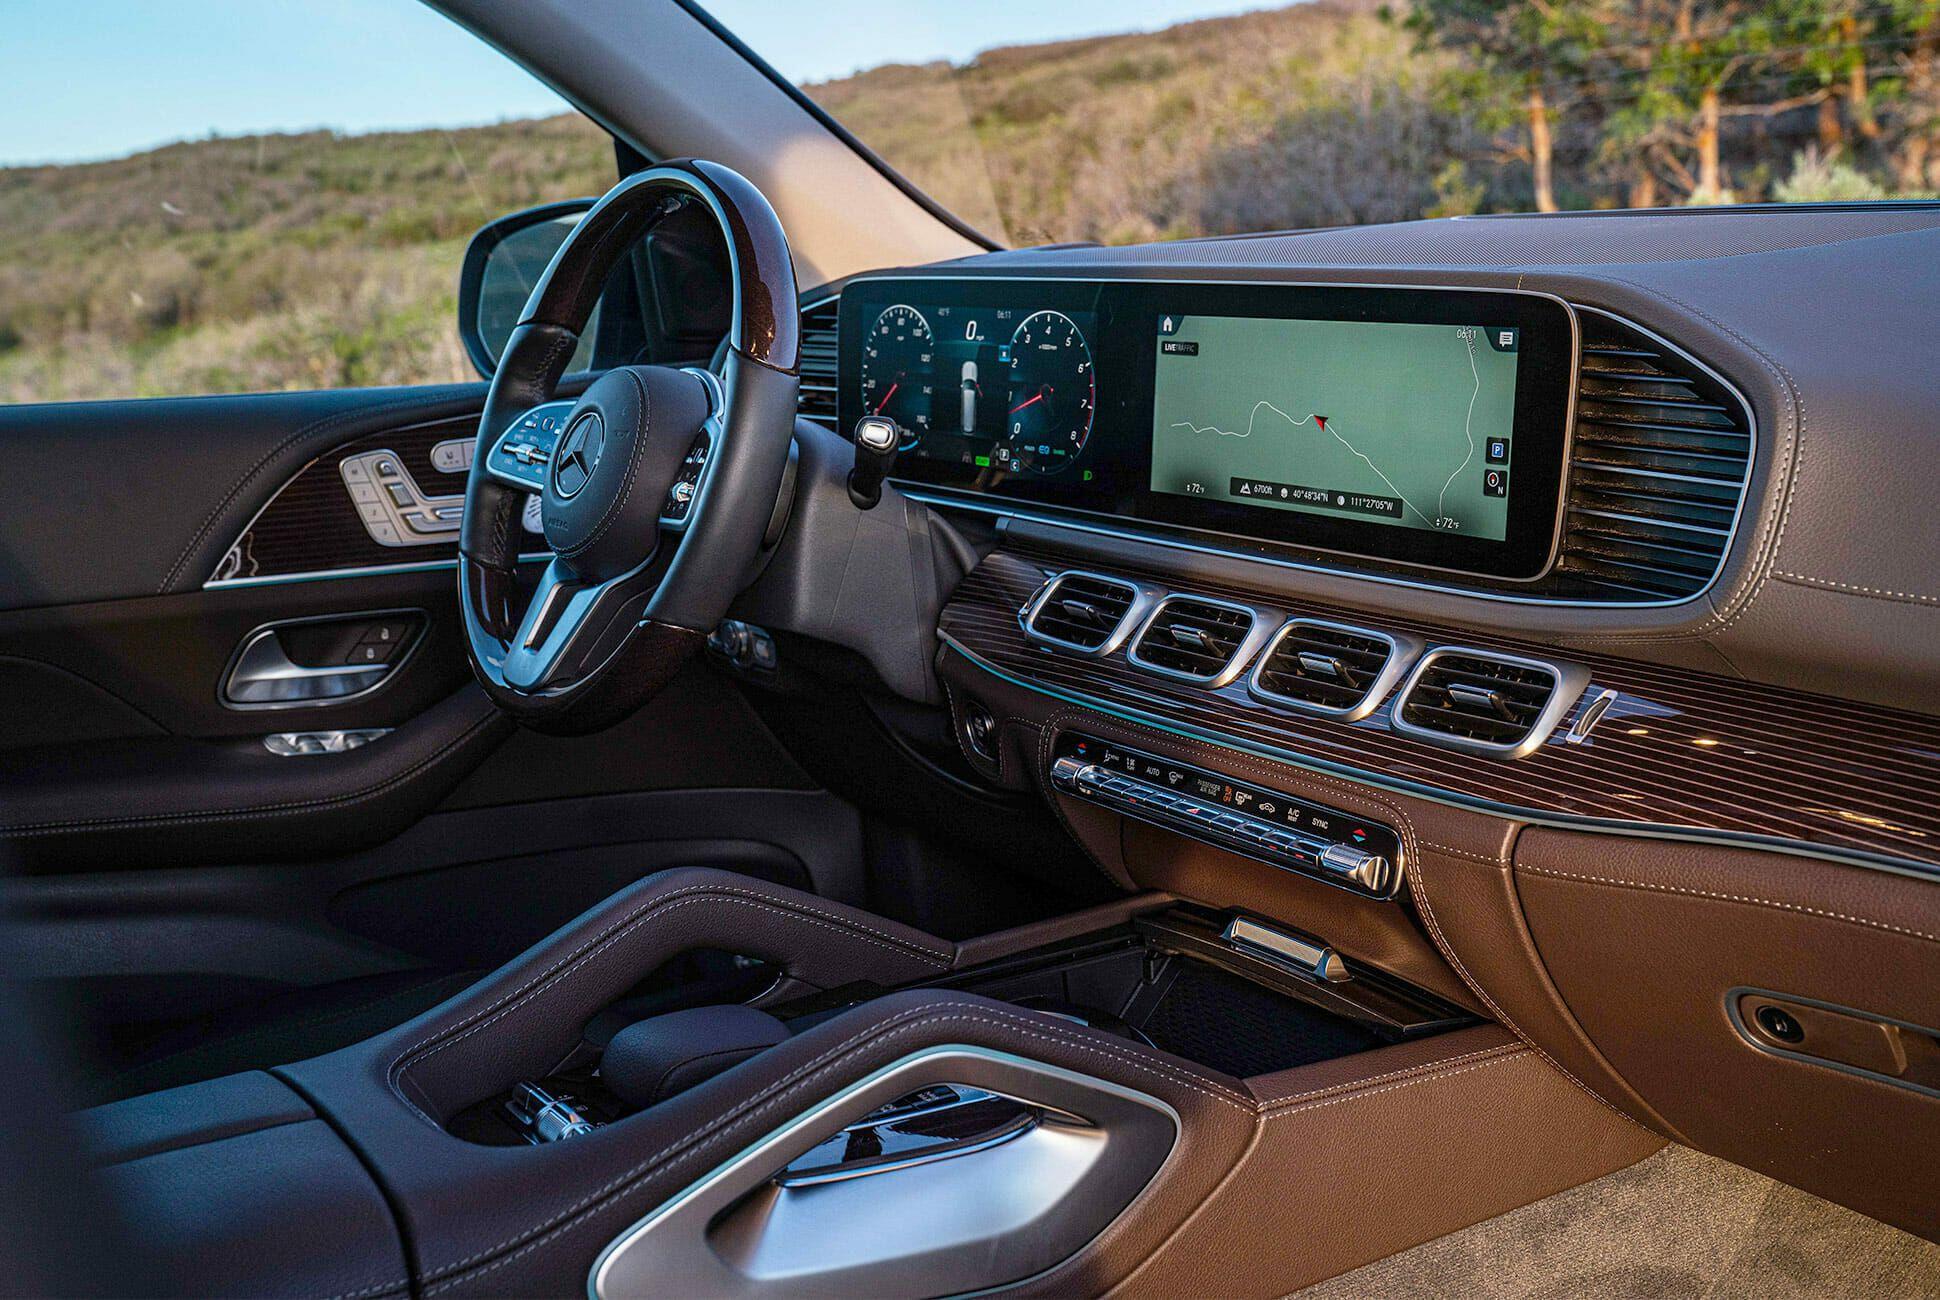 2020 Mercedes-Benz GLS-Class Review: A Few Tricks Up Its